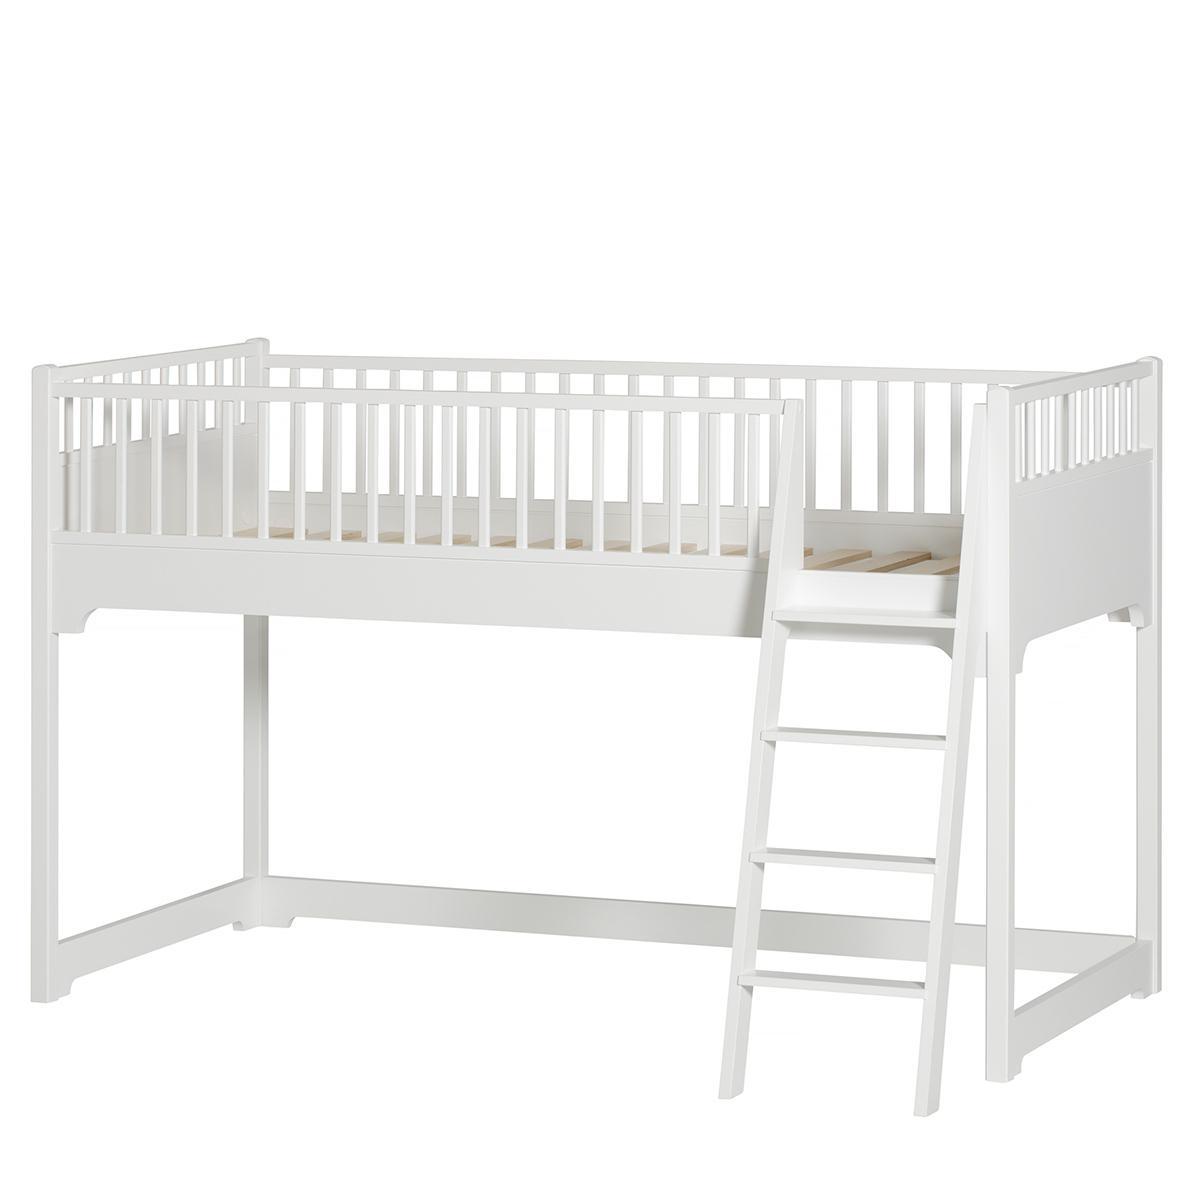 Spielbett 90x200cm SEASIDE Oliver Furniture weiß